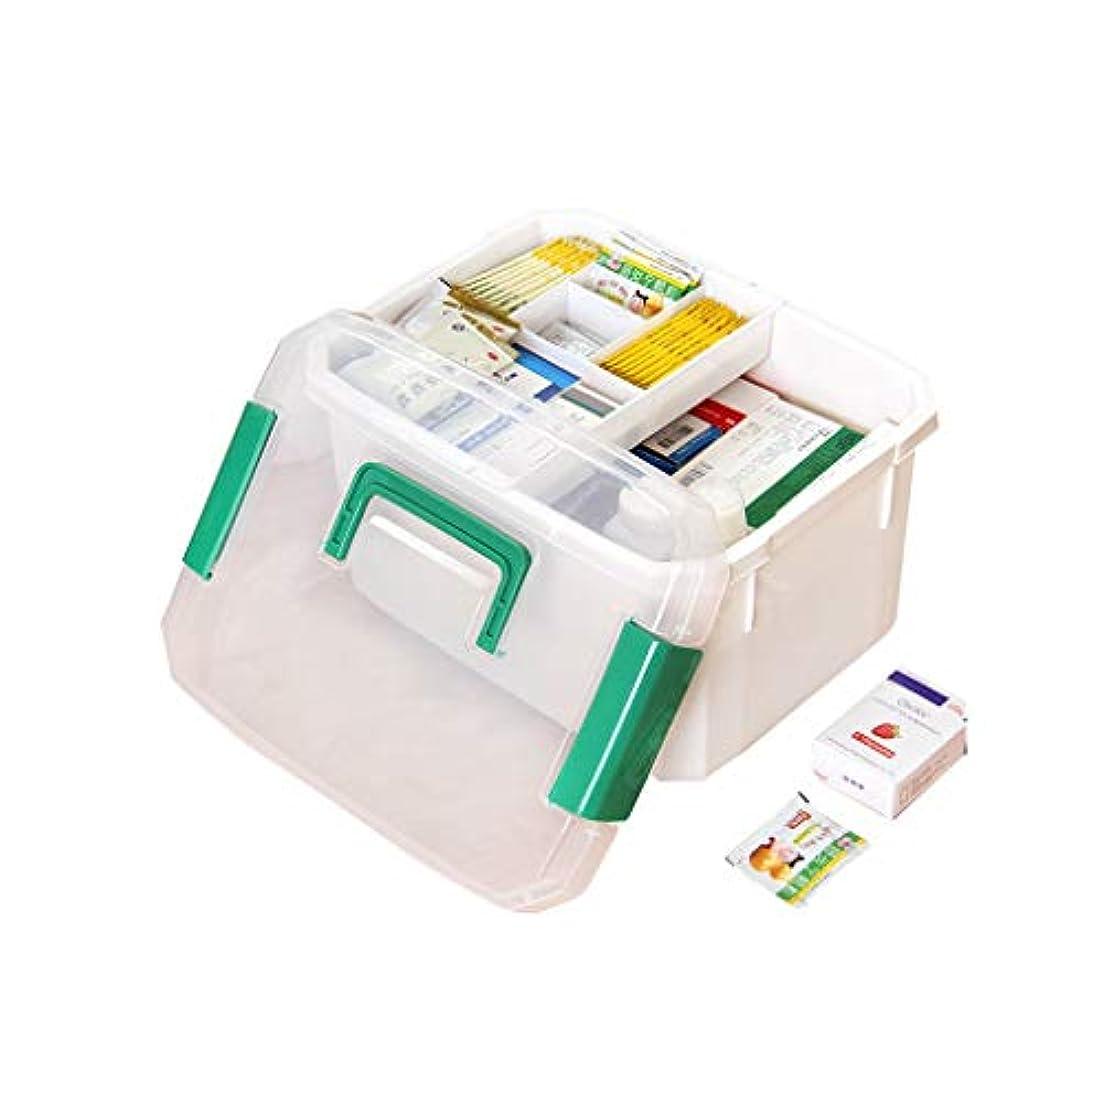 物理促進するヒット薬箱家庭用収納箱大容量家族寮救急箱薬収納ボックス HUXIUPING (Size : S)